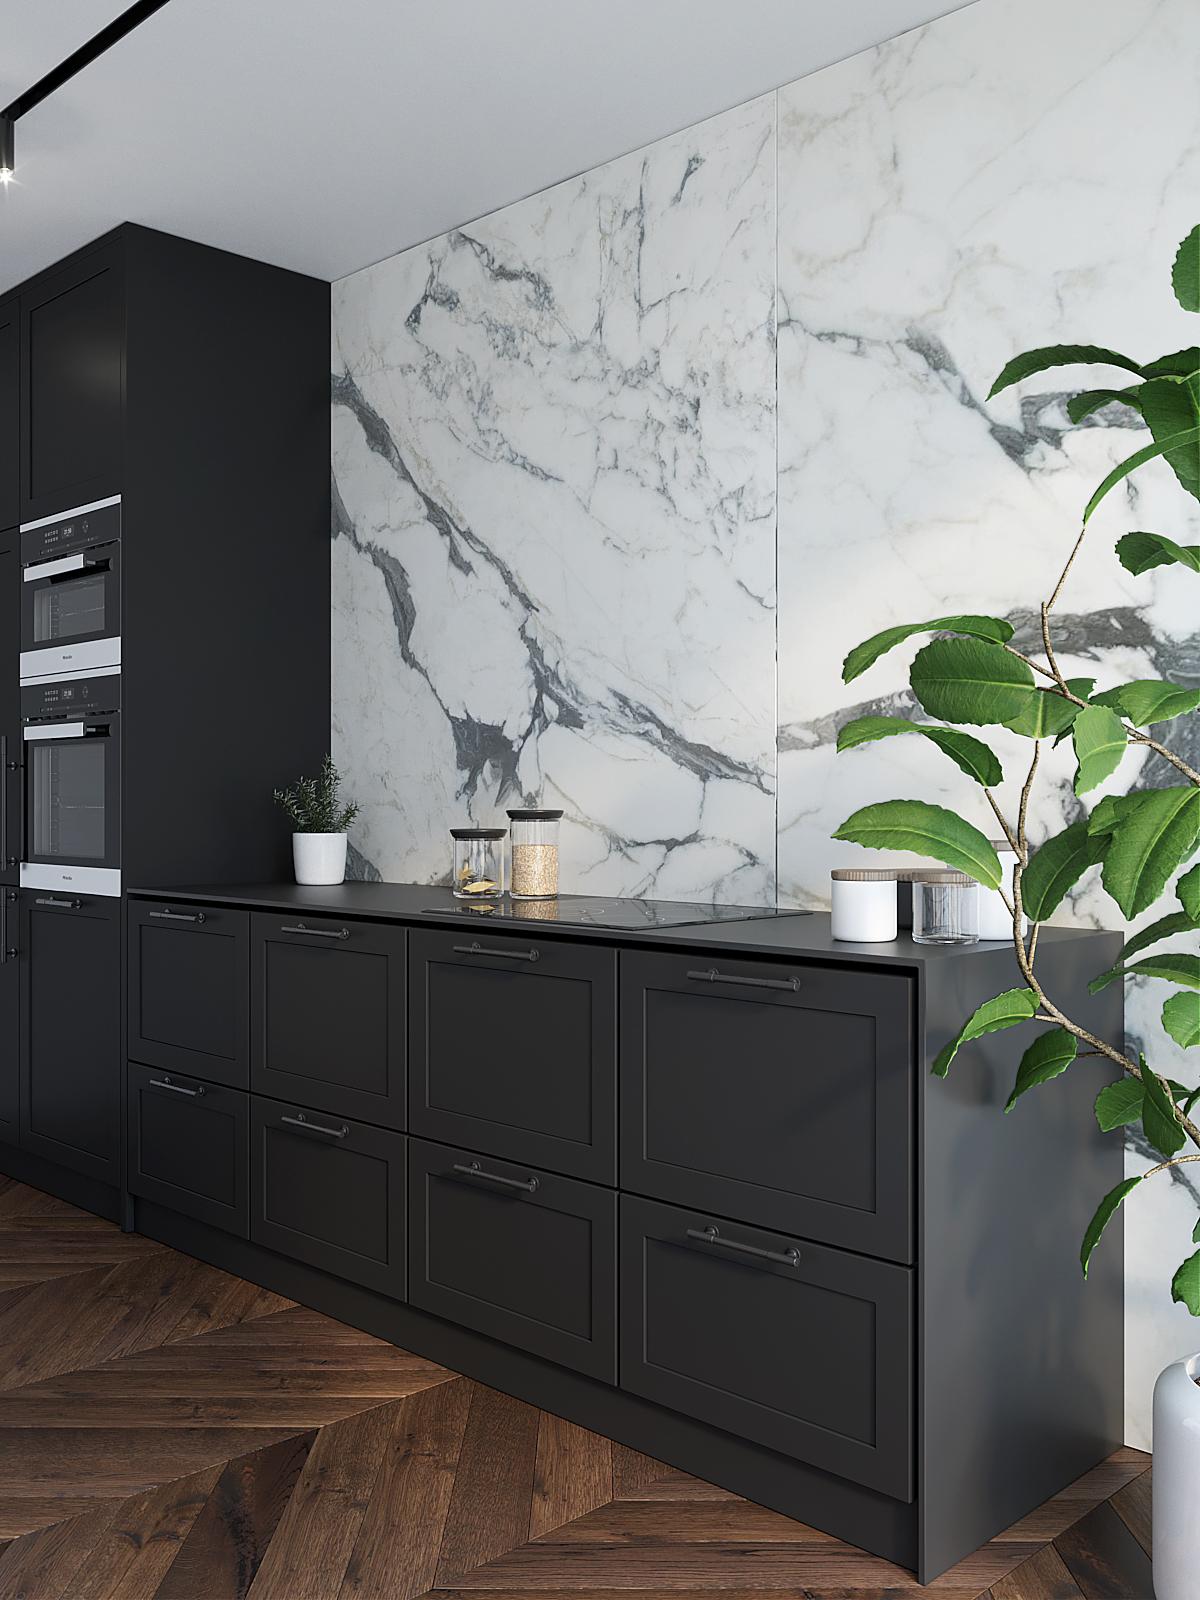 5 architekt wnetrz M489 mieszkanie krakow czarna kuchnia kamien na scianie czarne uchwyty